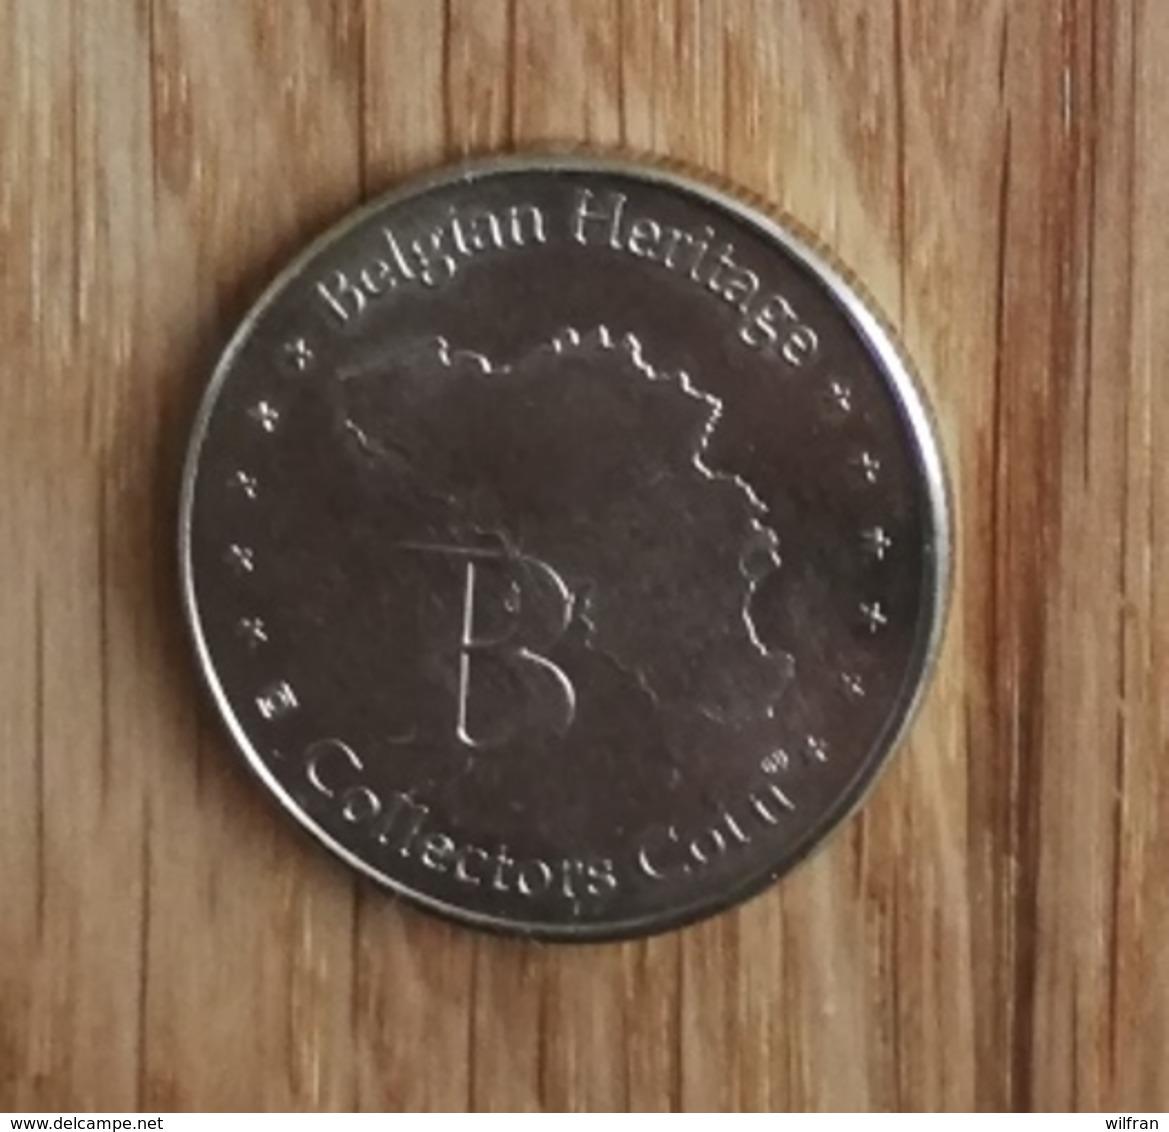 3273 Vz Ambiorix Tongeren Oudste Stad Van België - Kz Belgian Heritage Collectors Coin - Belgien